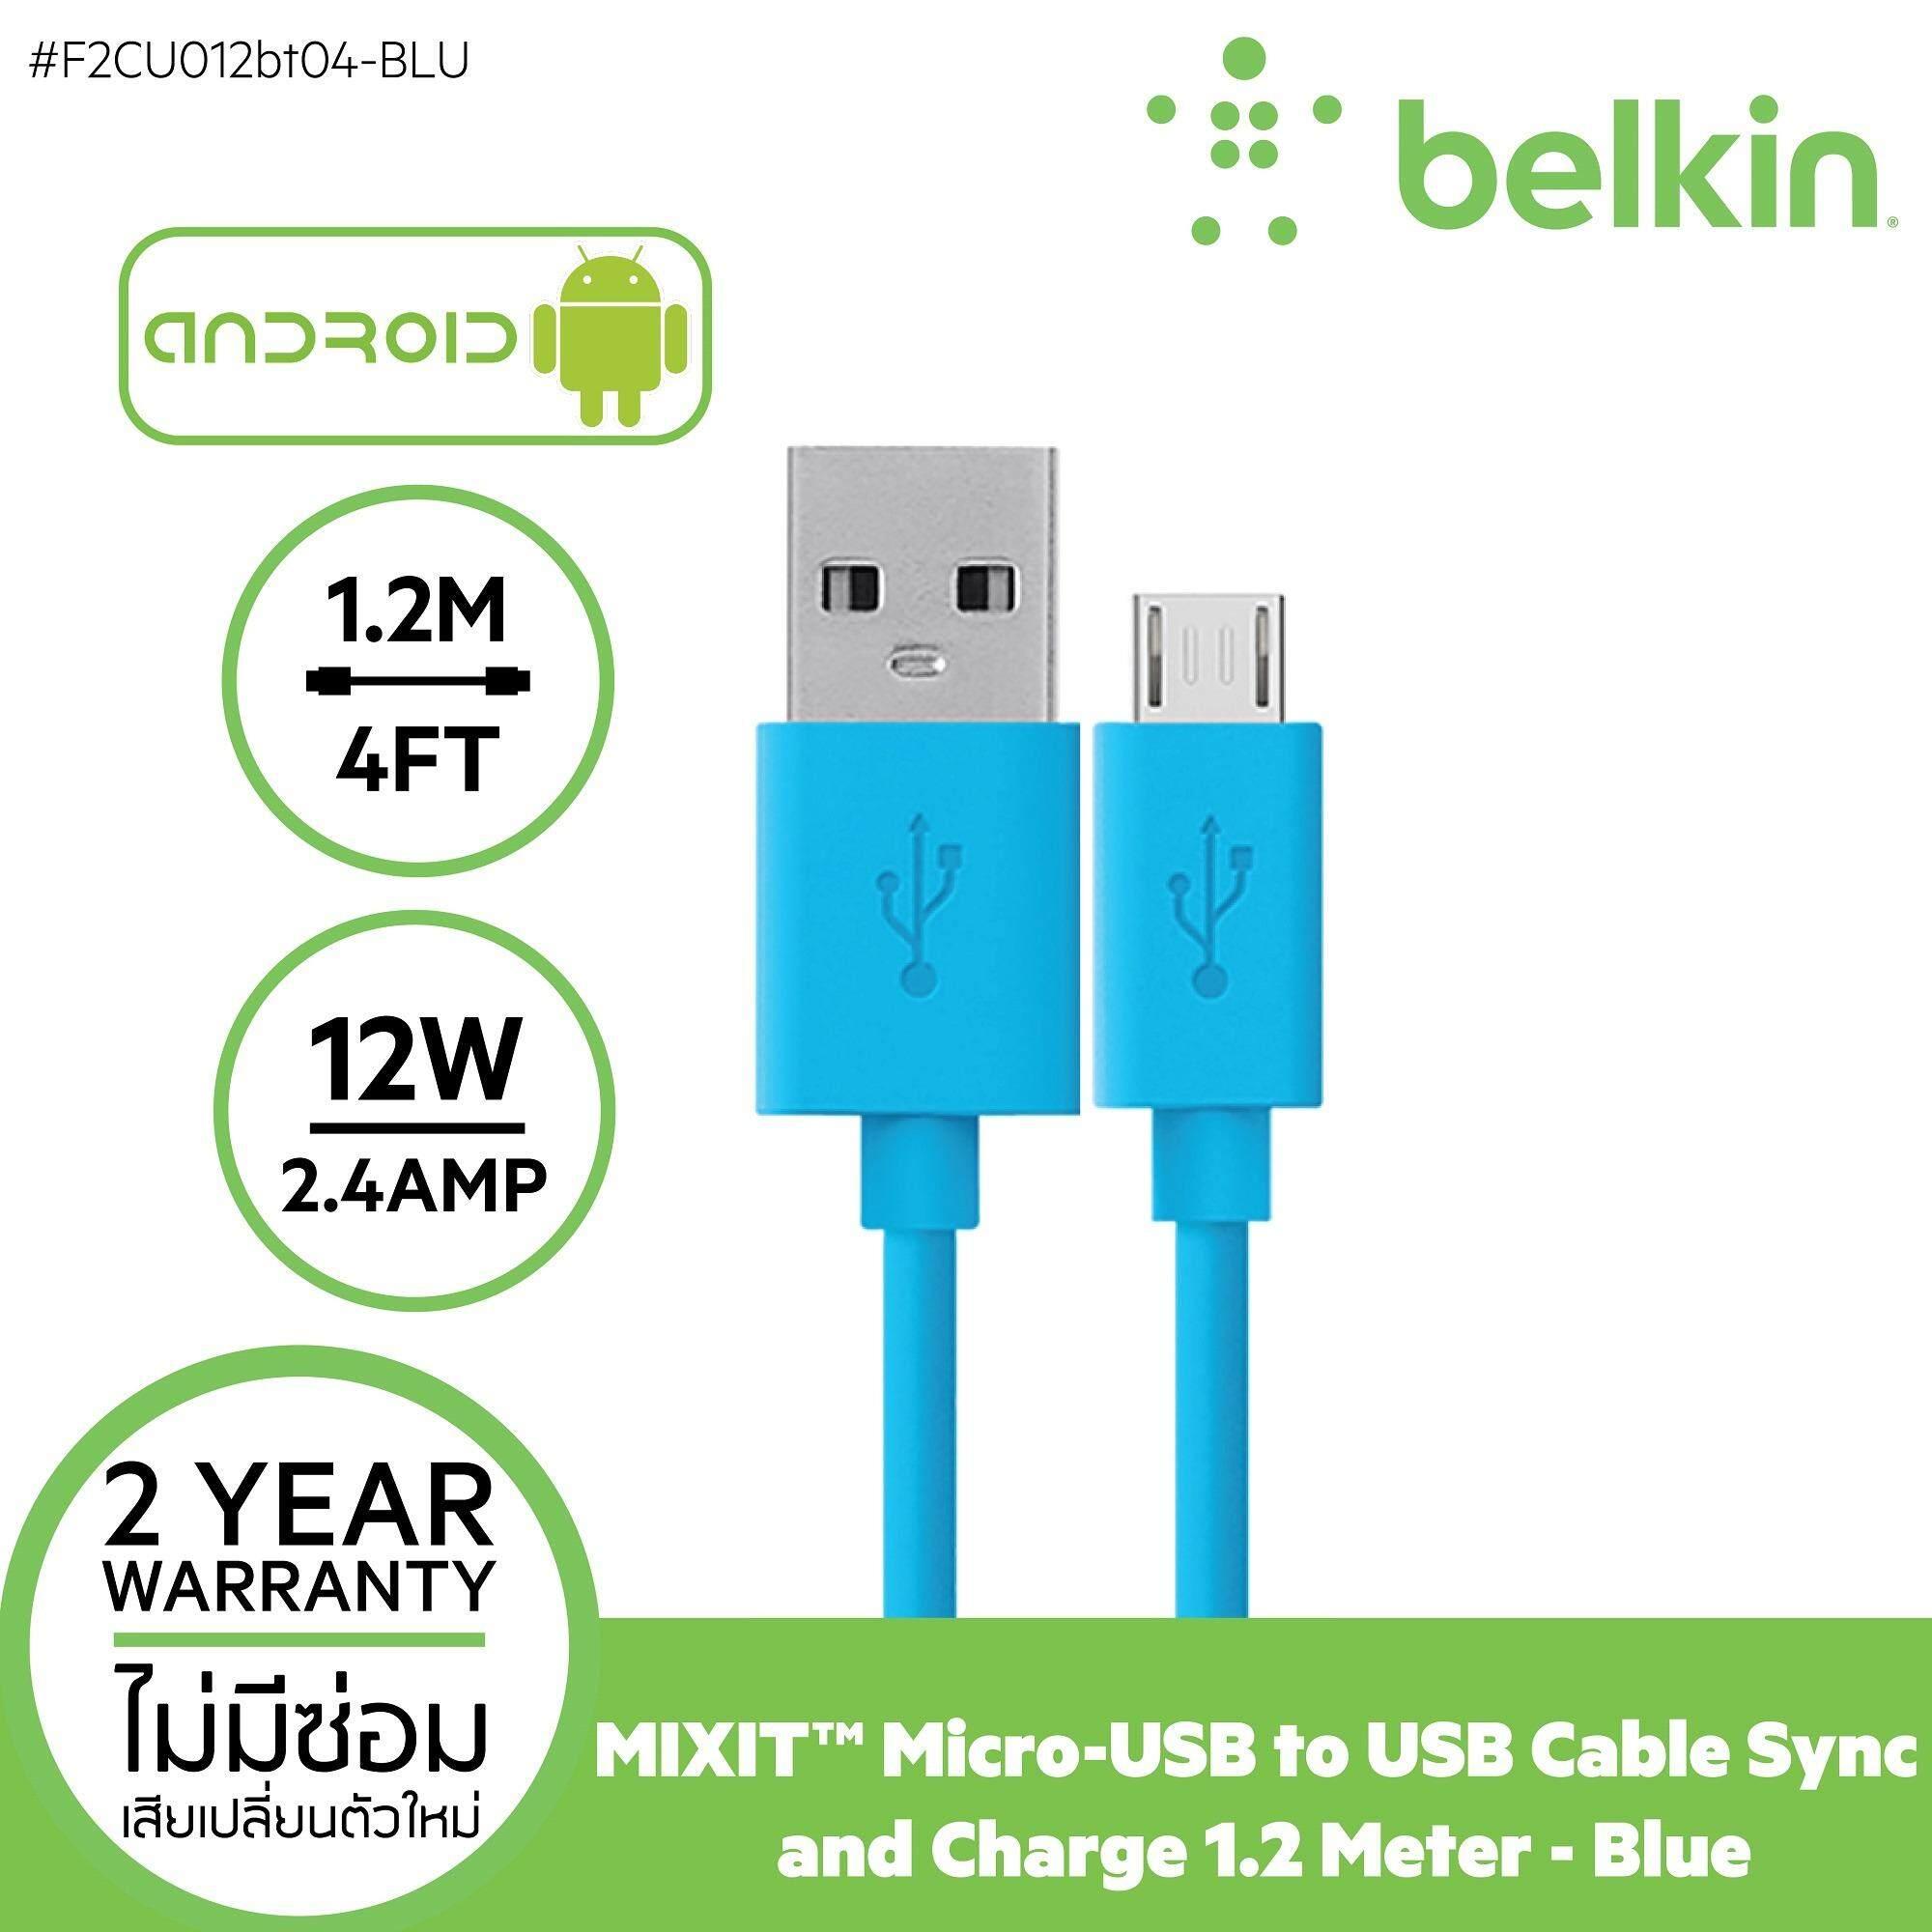 ขาย Belkin สายชาร์จ ไมโคร ยูเอสบี 1 2 เมตร สำหรับแอนดรอยด์ ซัมซุง แบตเตอรี่สำรอง เบลคิน รุ่น Belkinbelkin Charge And Sync Cable Micro Usb 1 2M F2Cu012Bt04 Blu ถูก ใน กรุงเทพมหานคร